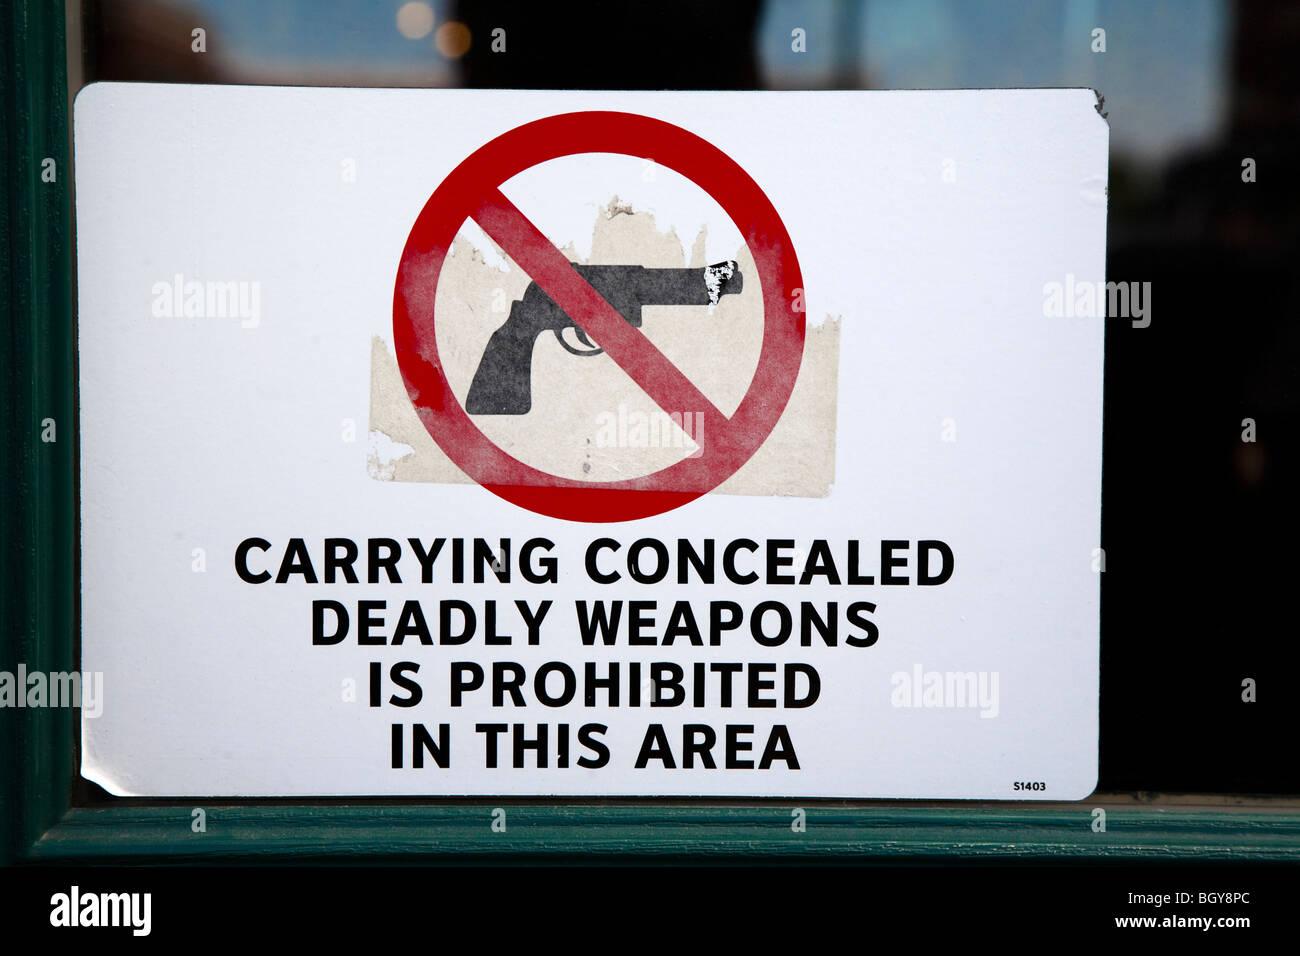 avec une 39 armes mortelles est interdite dans cette zone affiche un avis de pistolet avec symbole. Black Bedroom Furniture Sets. Home Design Ideas